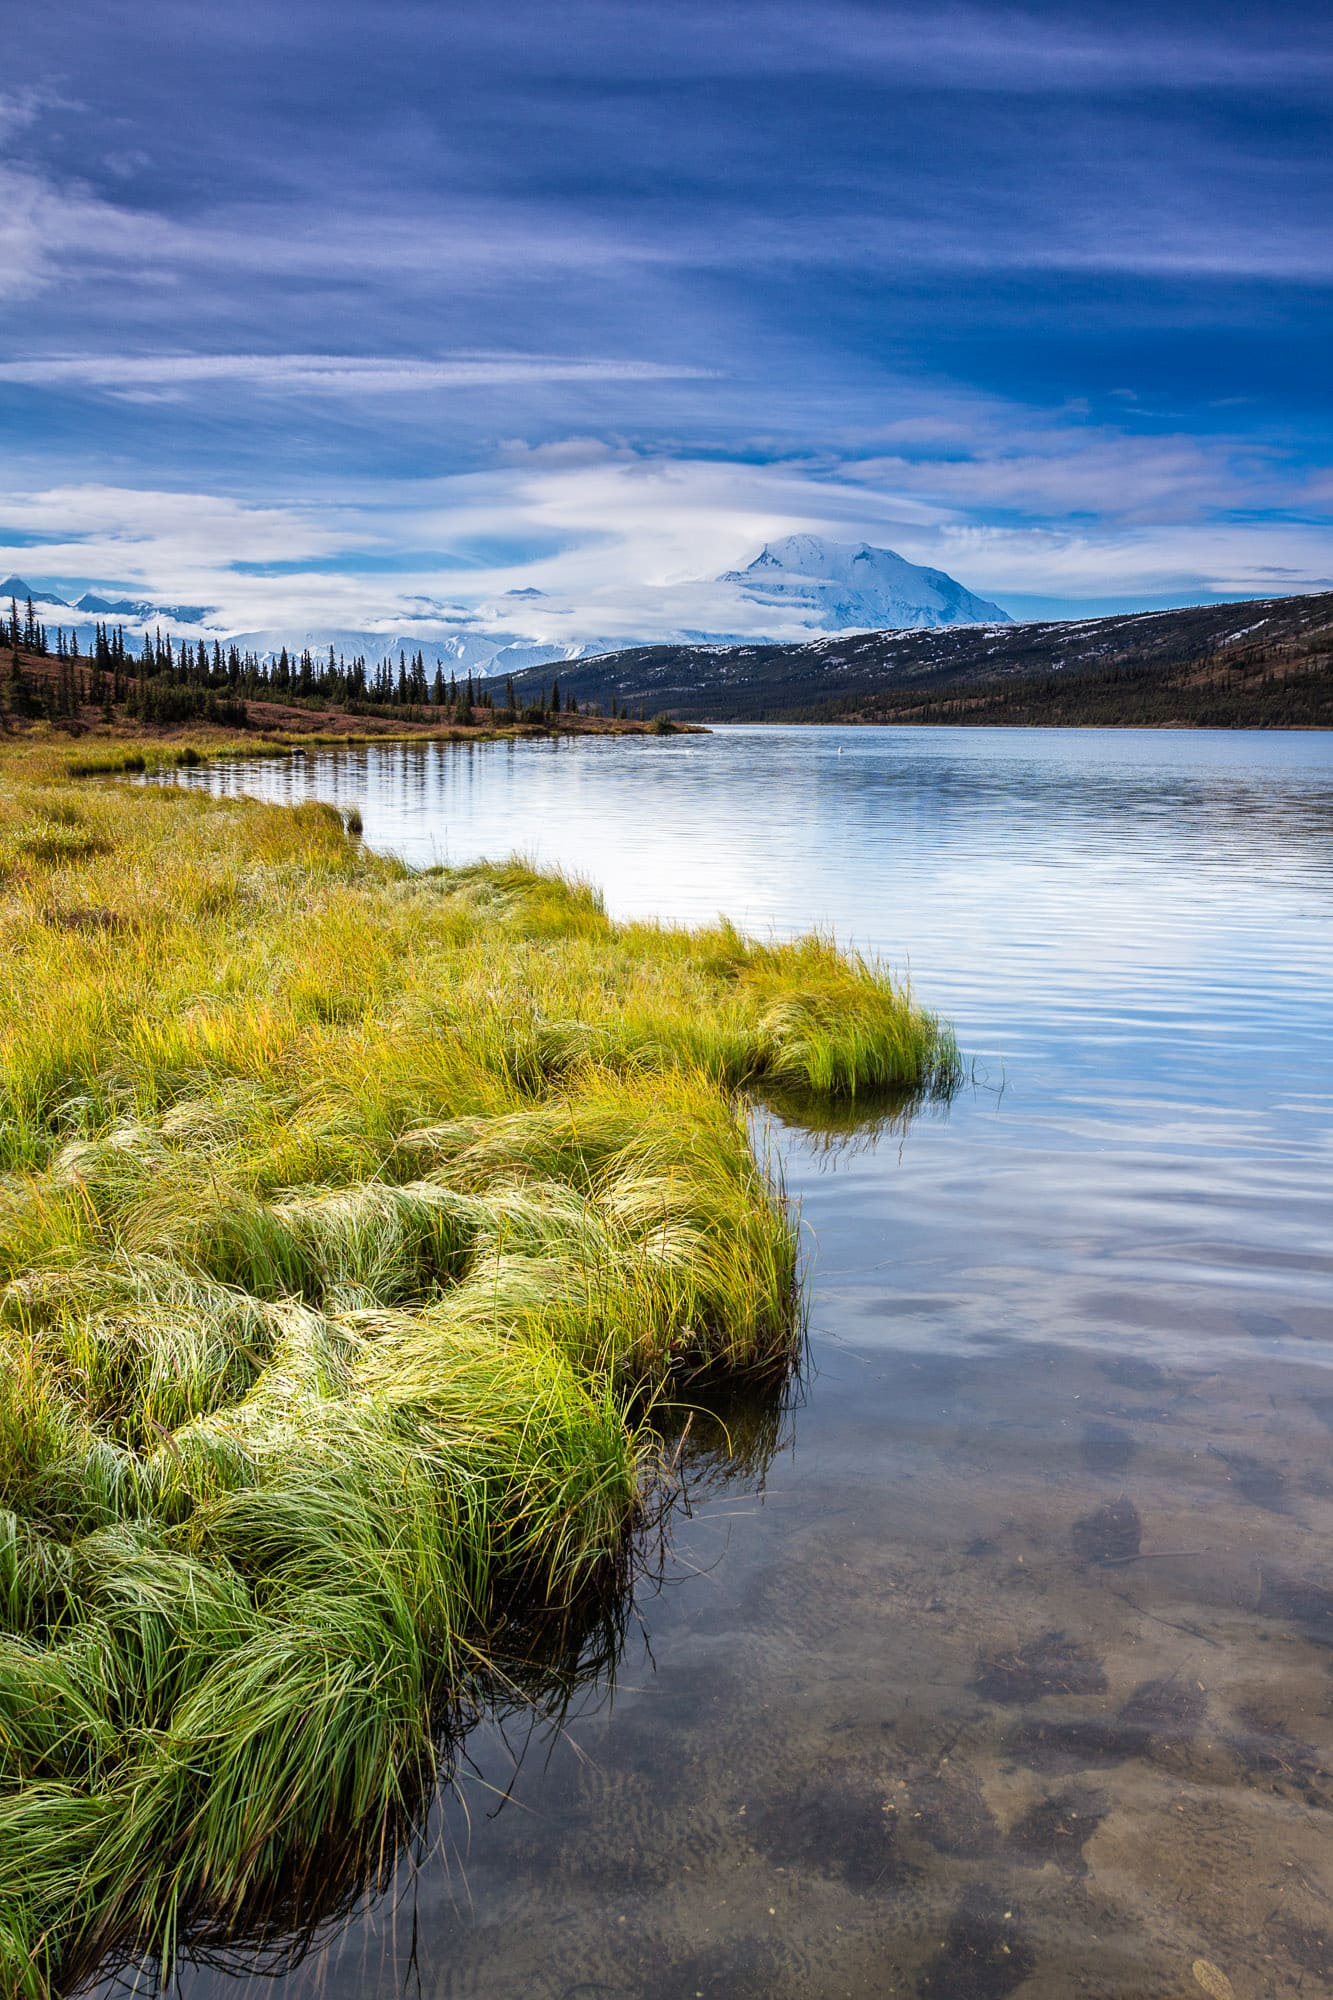 Mount McKinley taken from Wonder Lake, Alaska